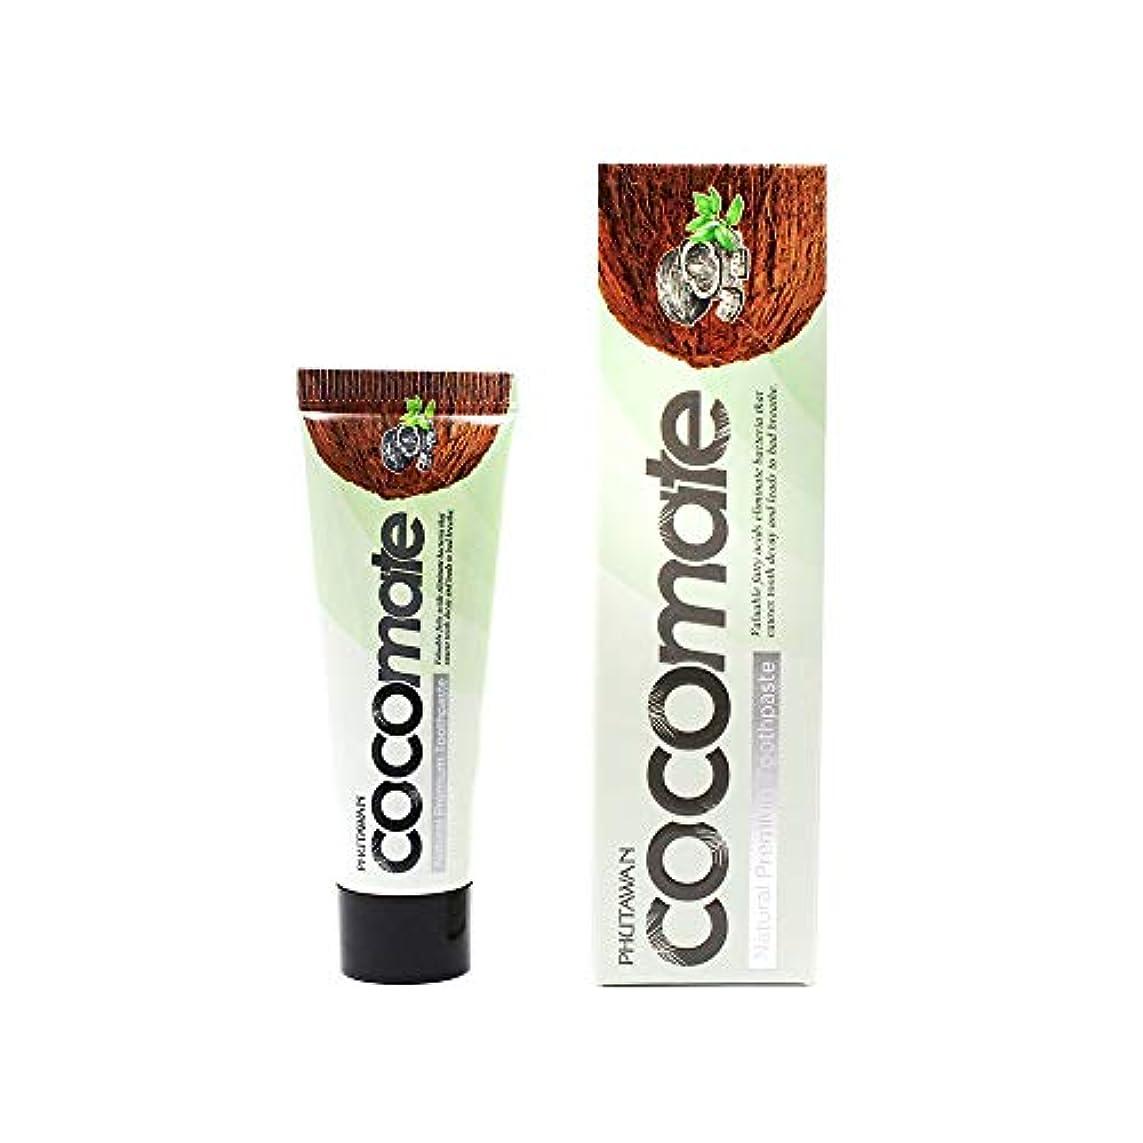 マーチャンダイザー領収書充電歯磨き粉 Cocomate Natural Premium Toothpaste